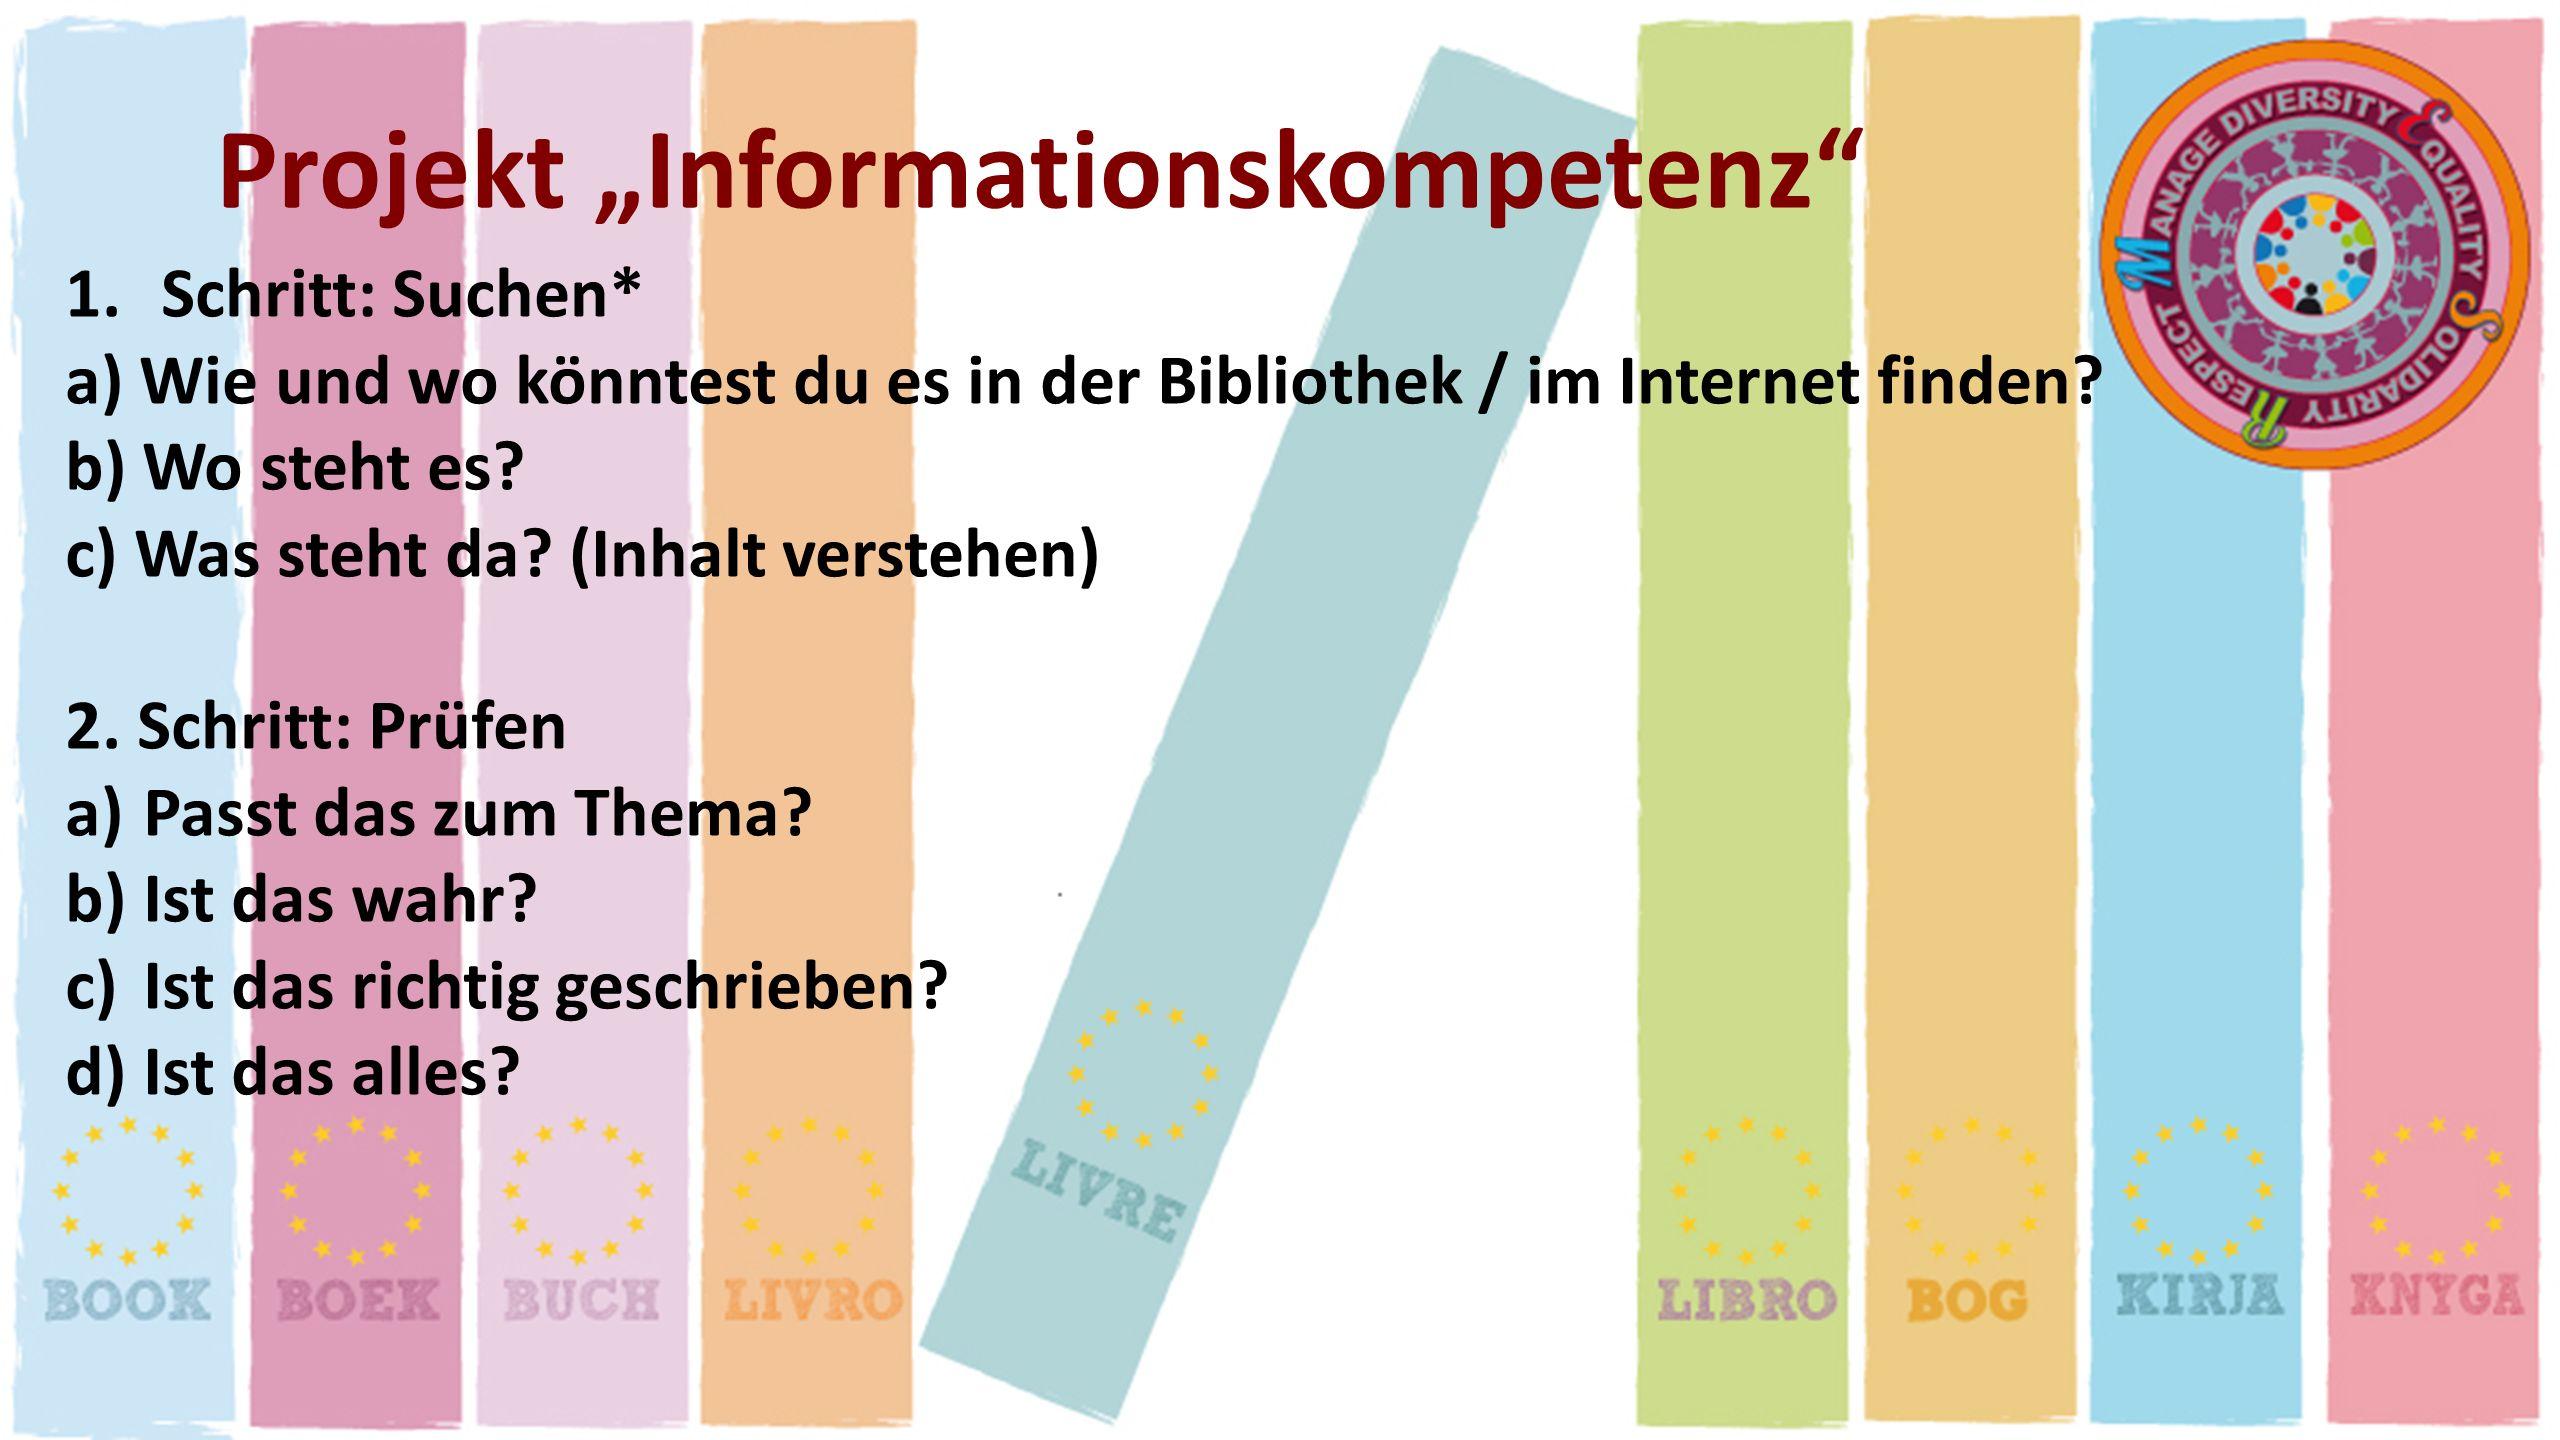 Projekt Informationskompetenz 1.Schritt: Suchen* a) Wie und wo könntest du es in der Bibliothek / im Internet finden? b) Wo steht es? c) Was steht da?